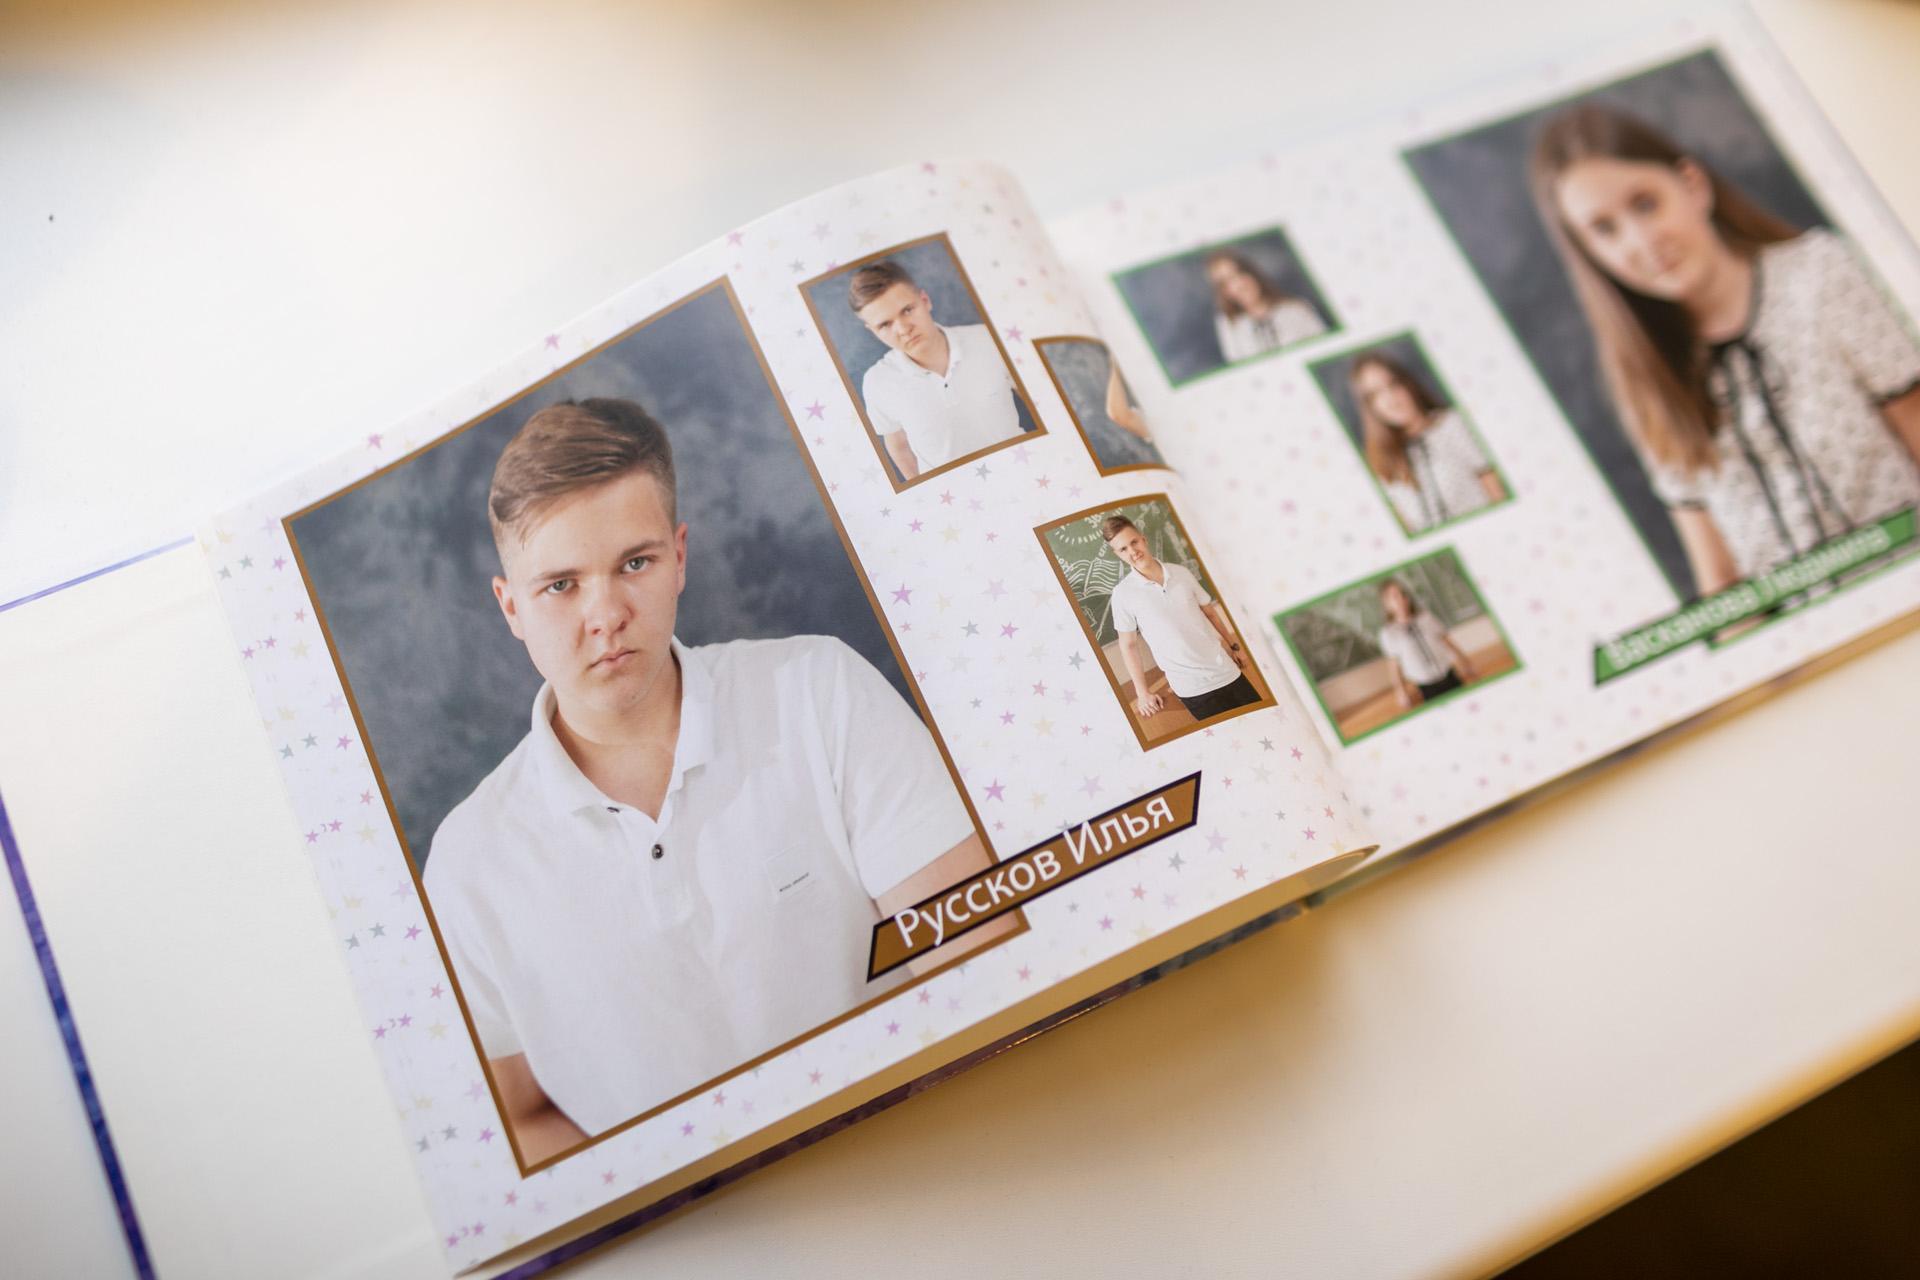 Альбом с твердой обложкой и журнальными страницами.